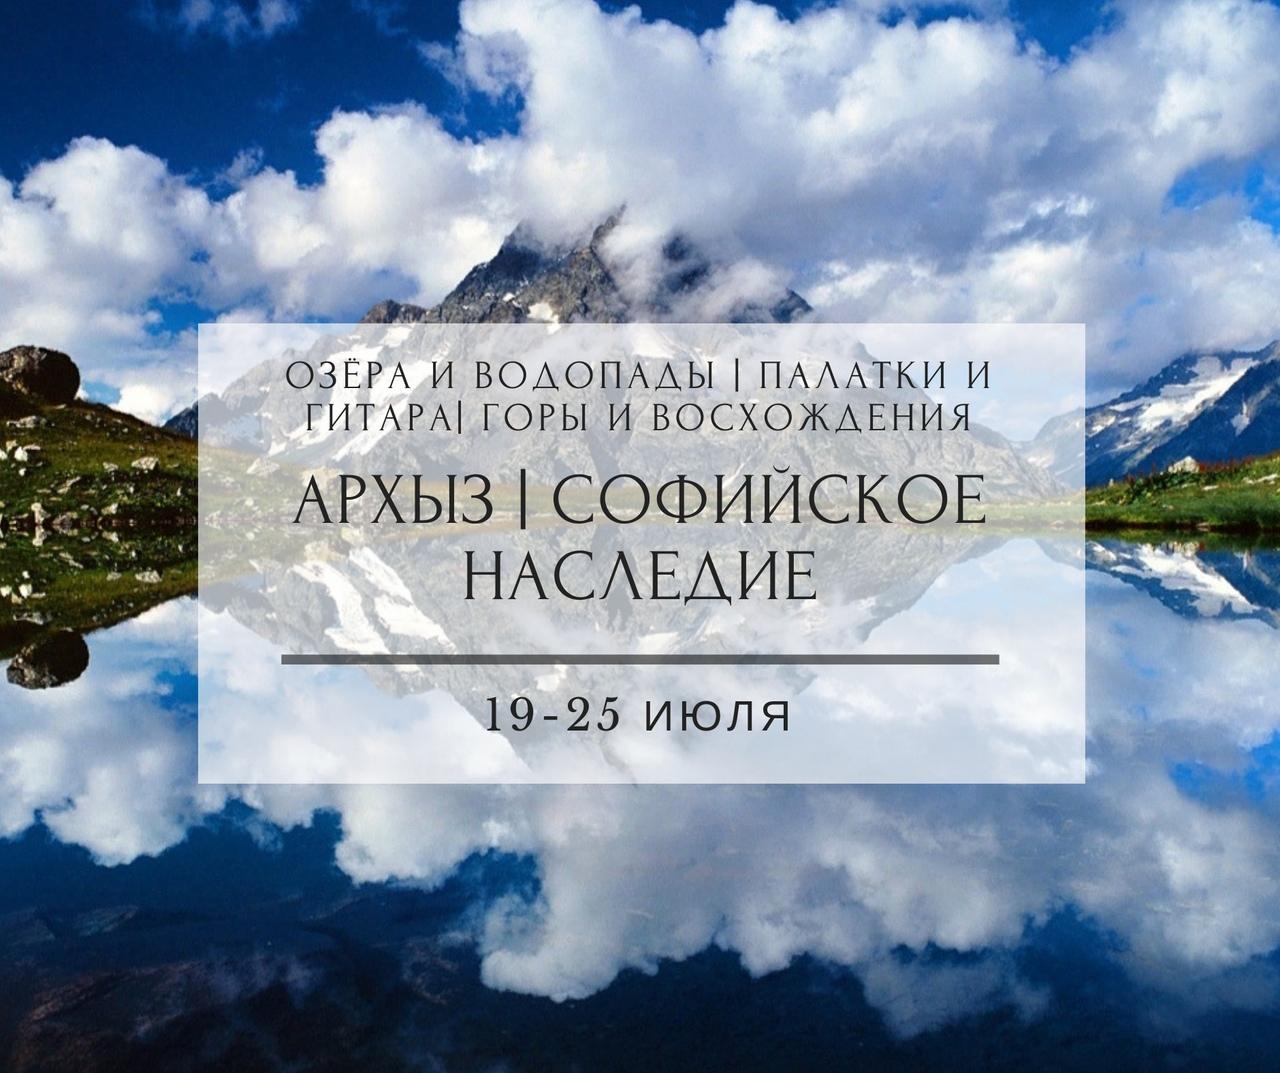 Афиша Тюмень АРХЫЗ. СОФИЙСКОЕ НАСЛЕДИЕ. 19-25 ИЮЛЯ 2020